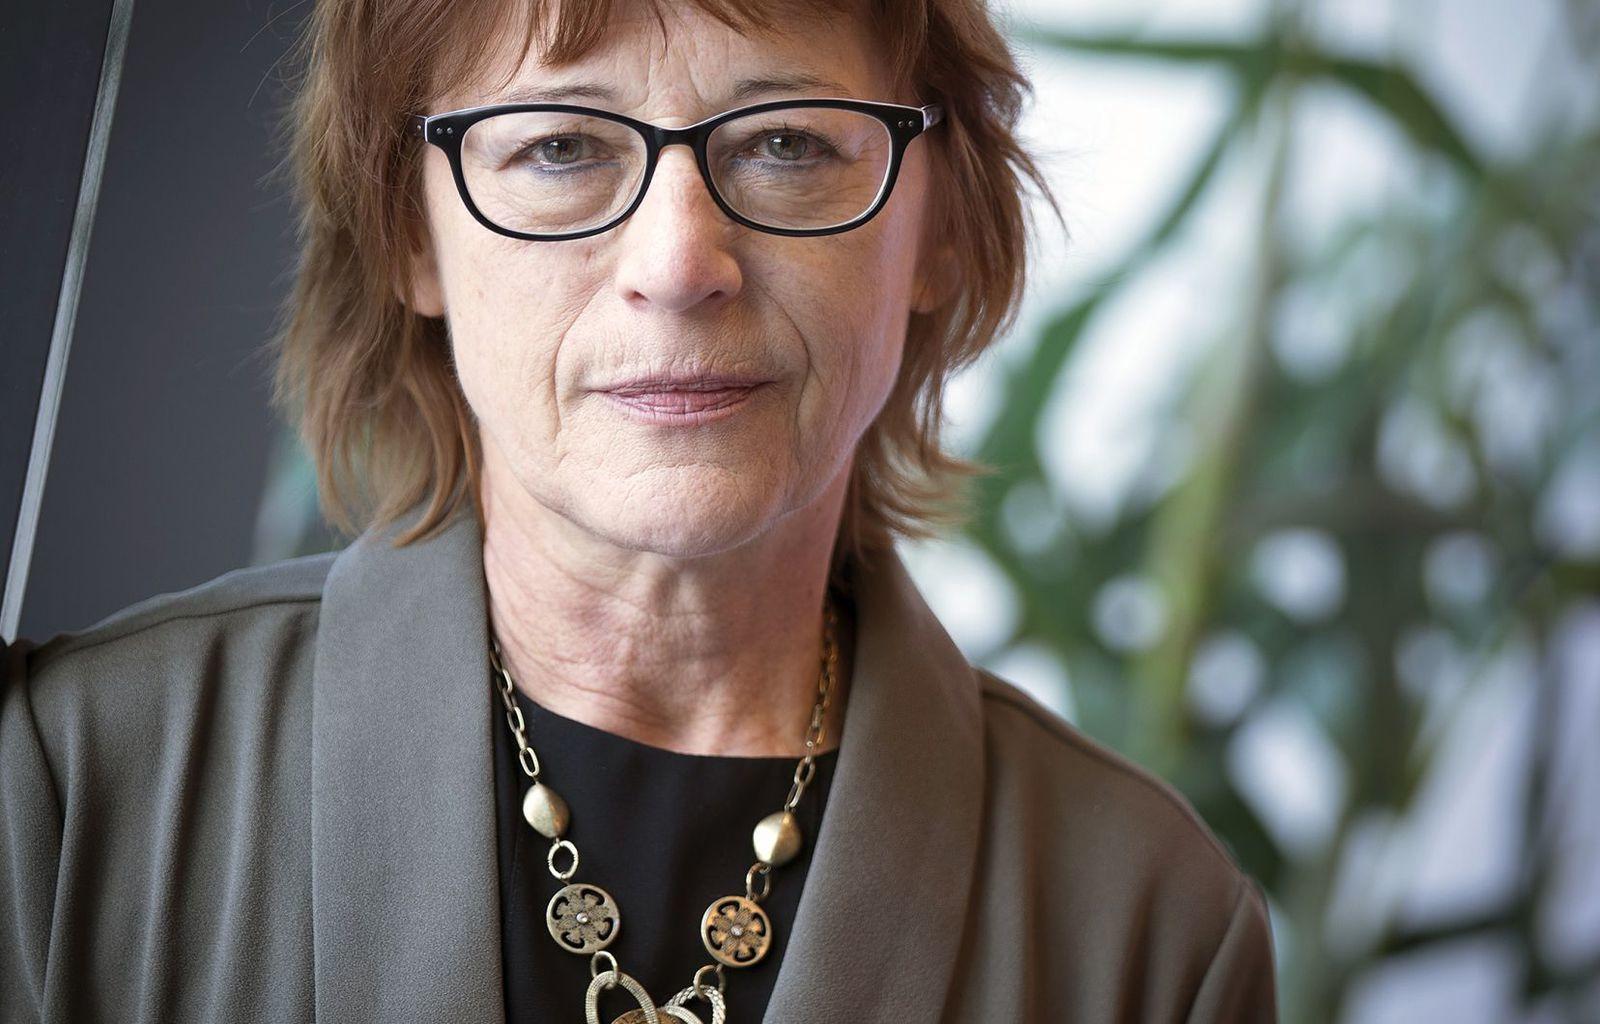 «Rivière tremblante», d'Andrée A. Michaud, traite de la disparition d'enfants dans des circonstances troubles.